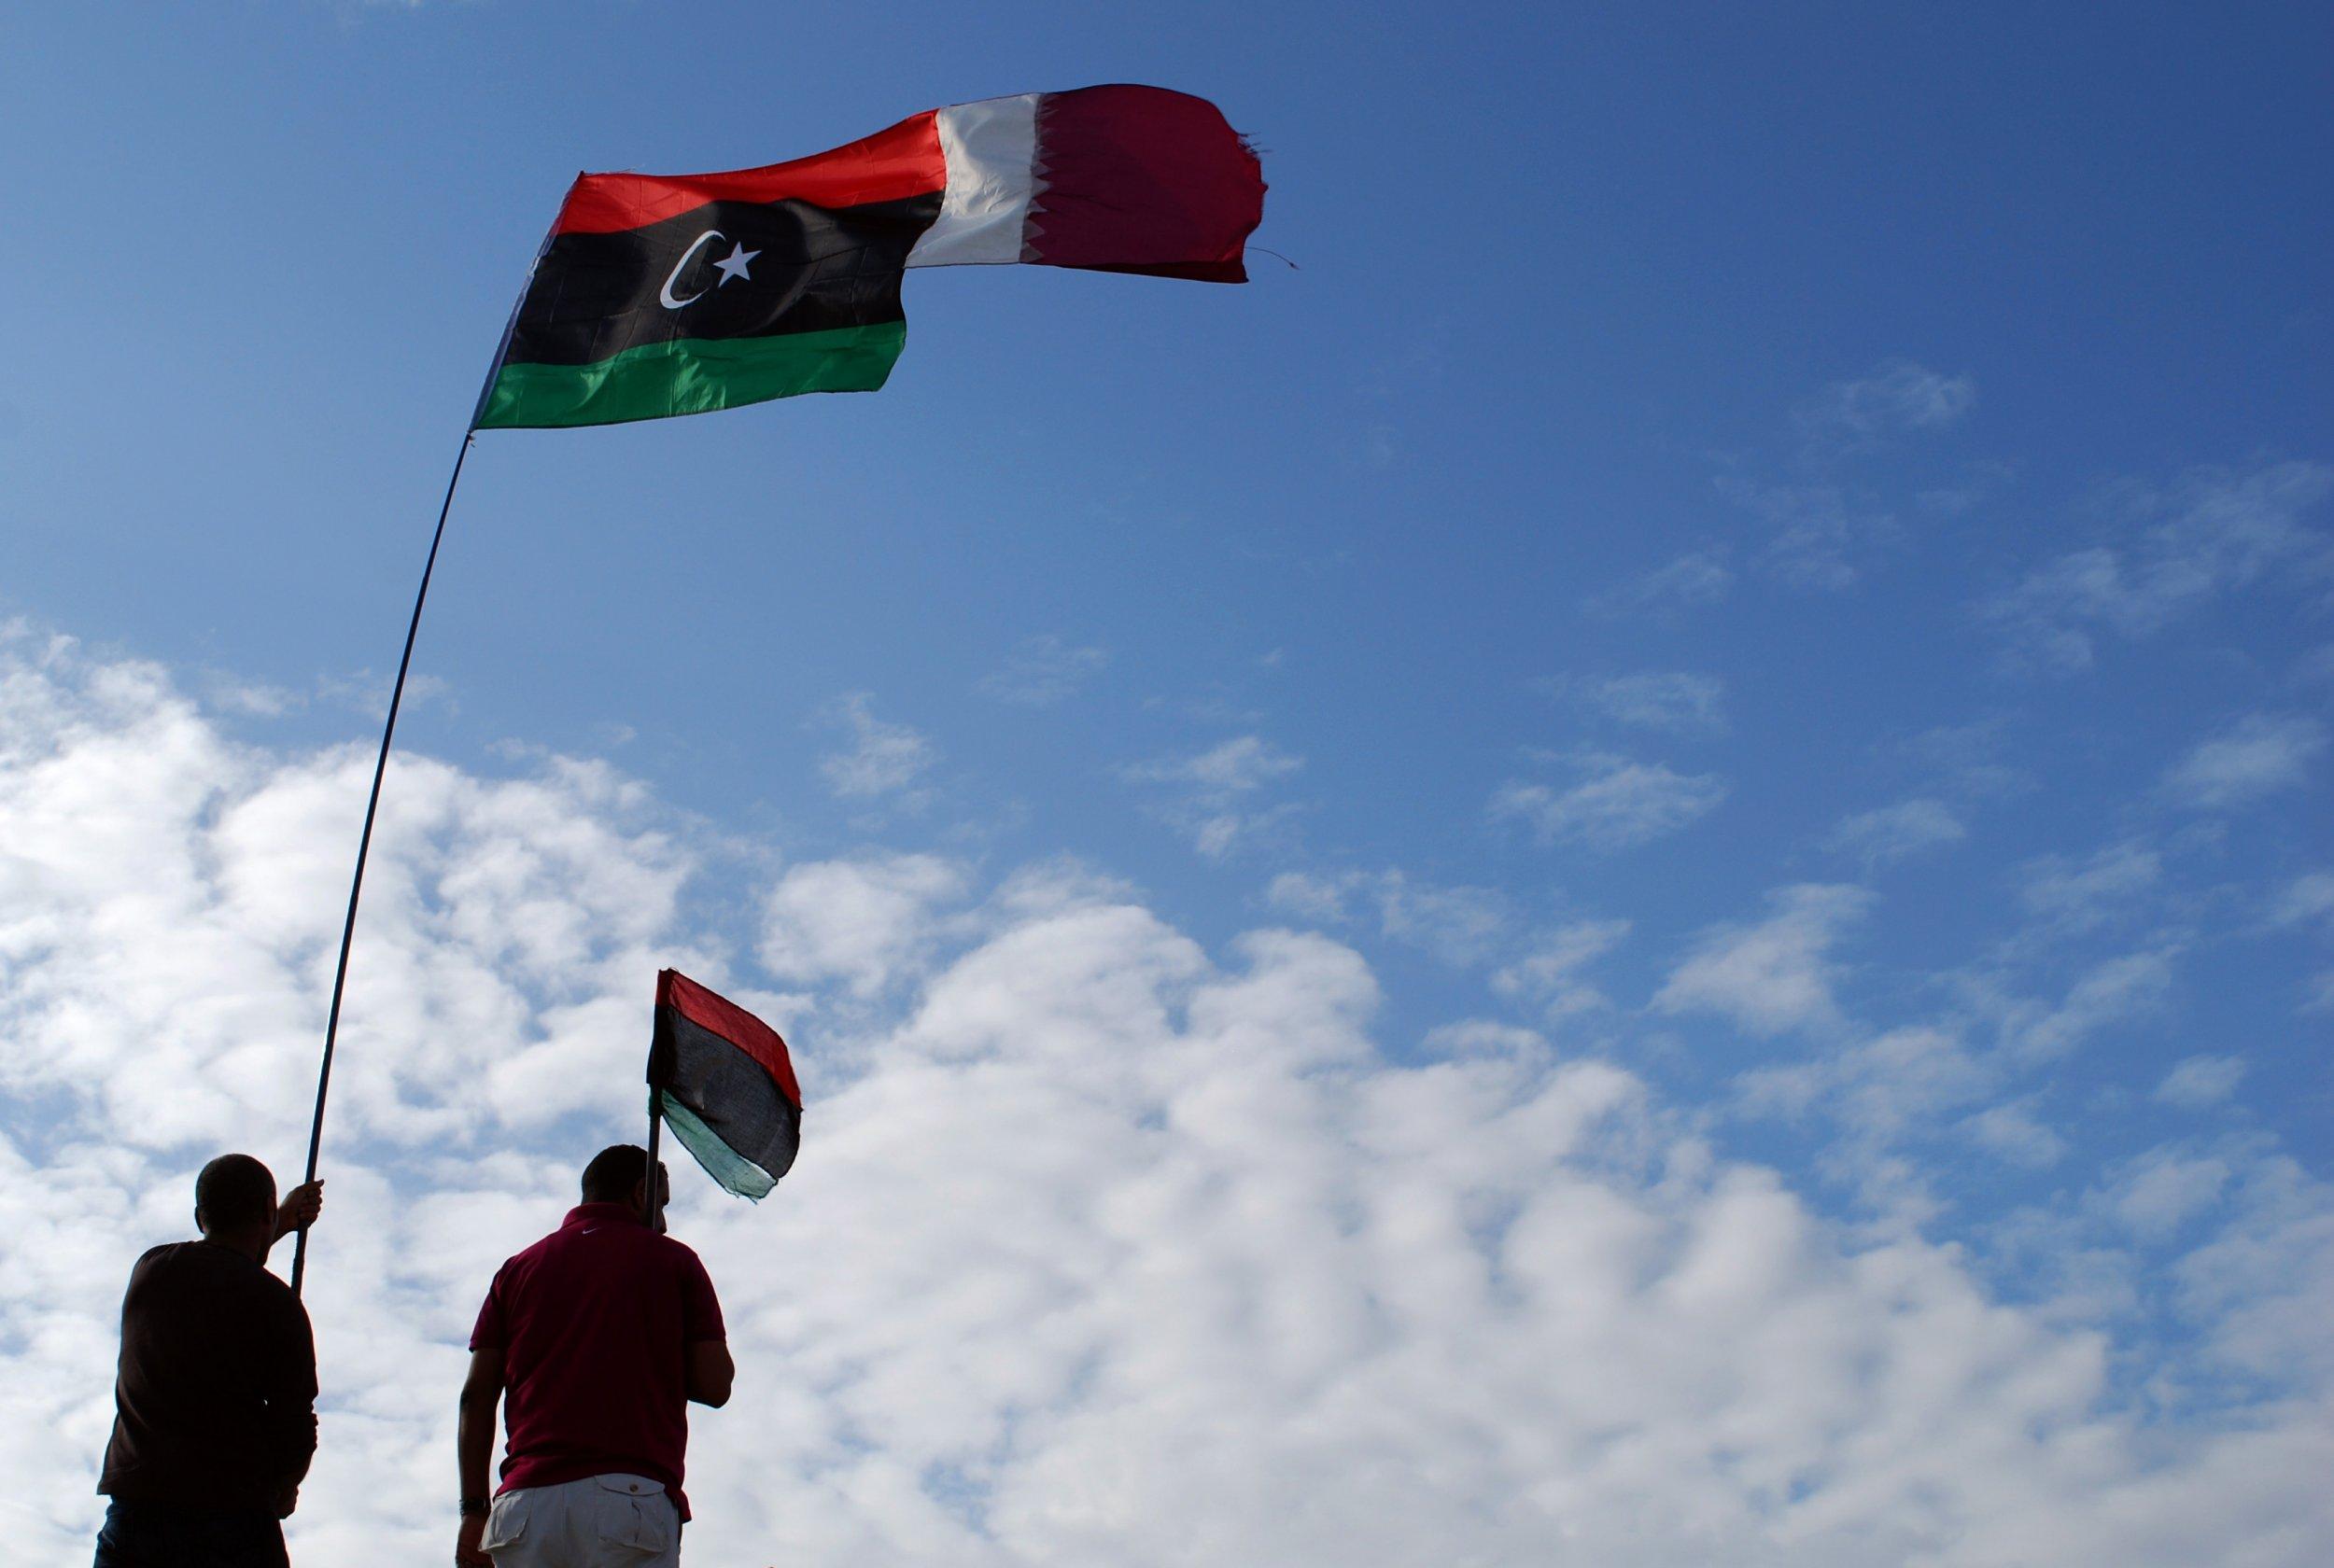 سهركهوتنی  بهرهی ئیخوان له لیبیا زهبرێكی قورسه له نهیارهكانی قهتهر